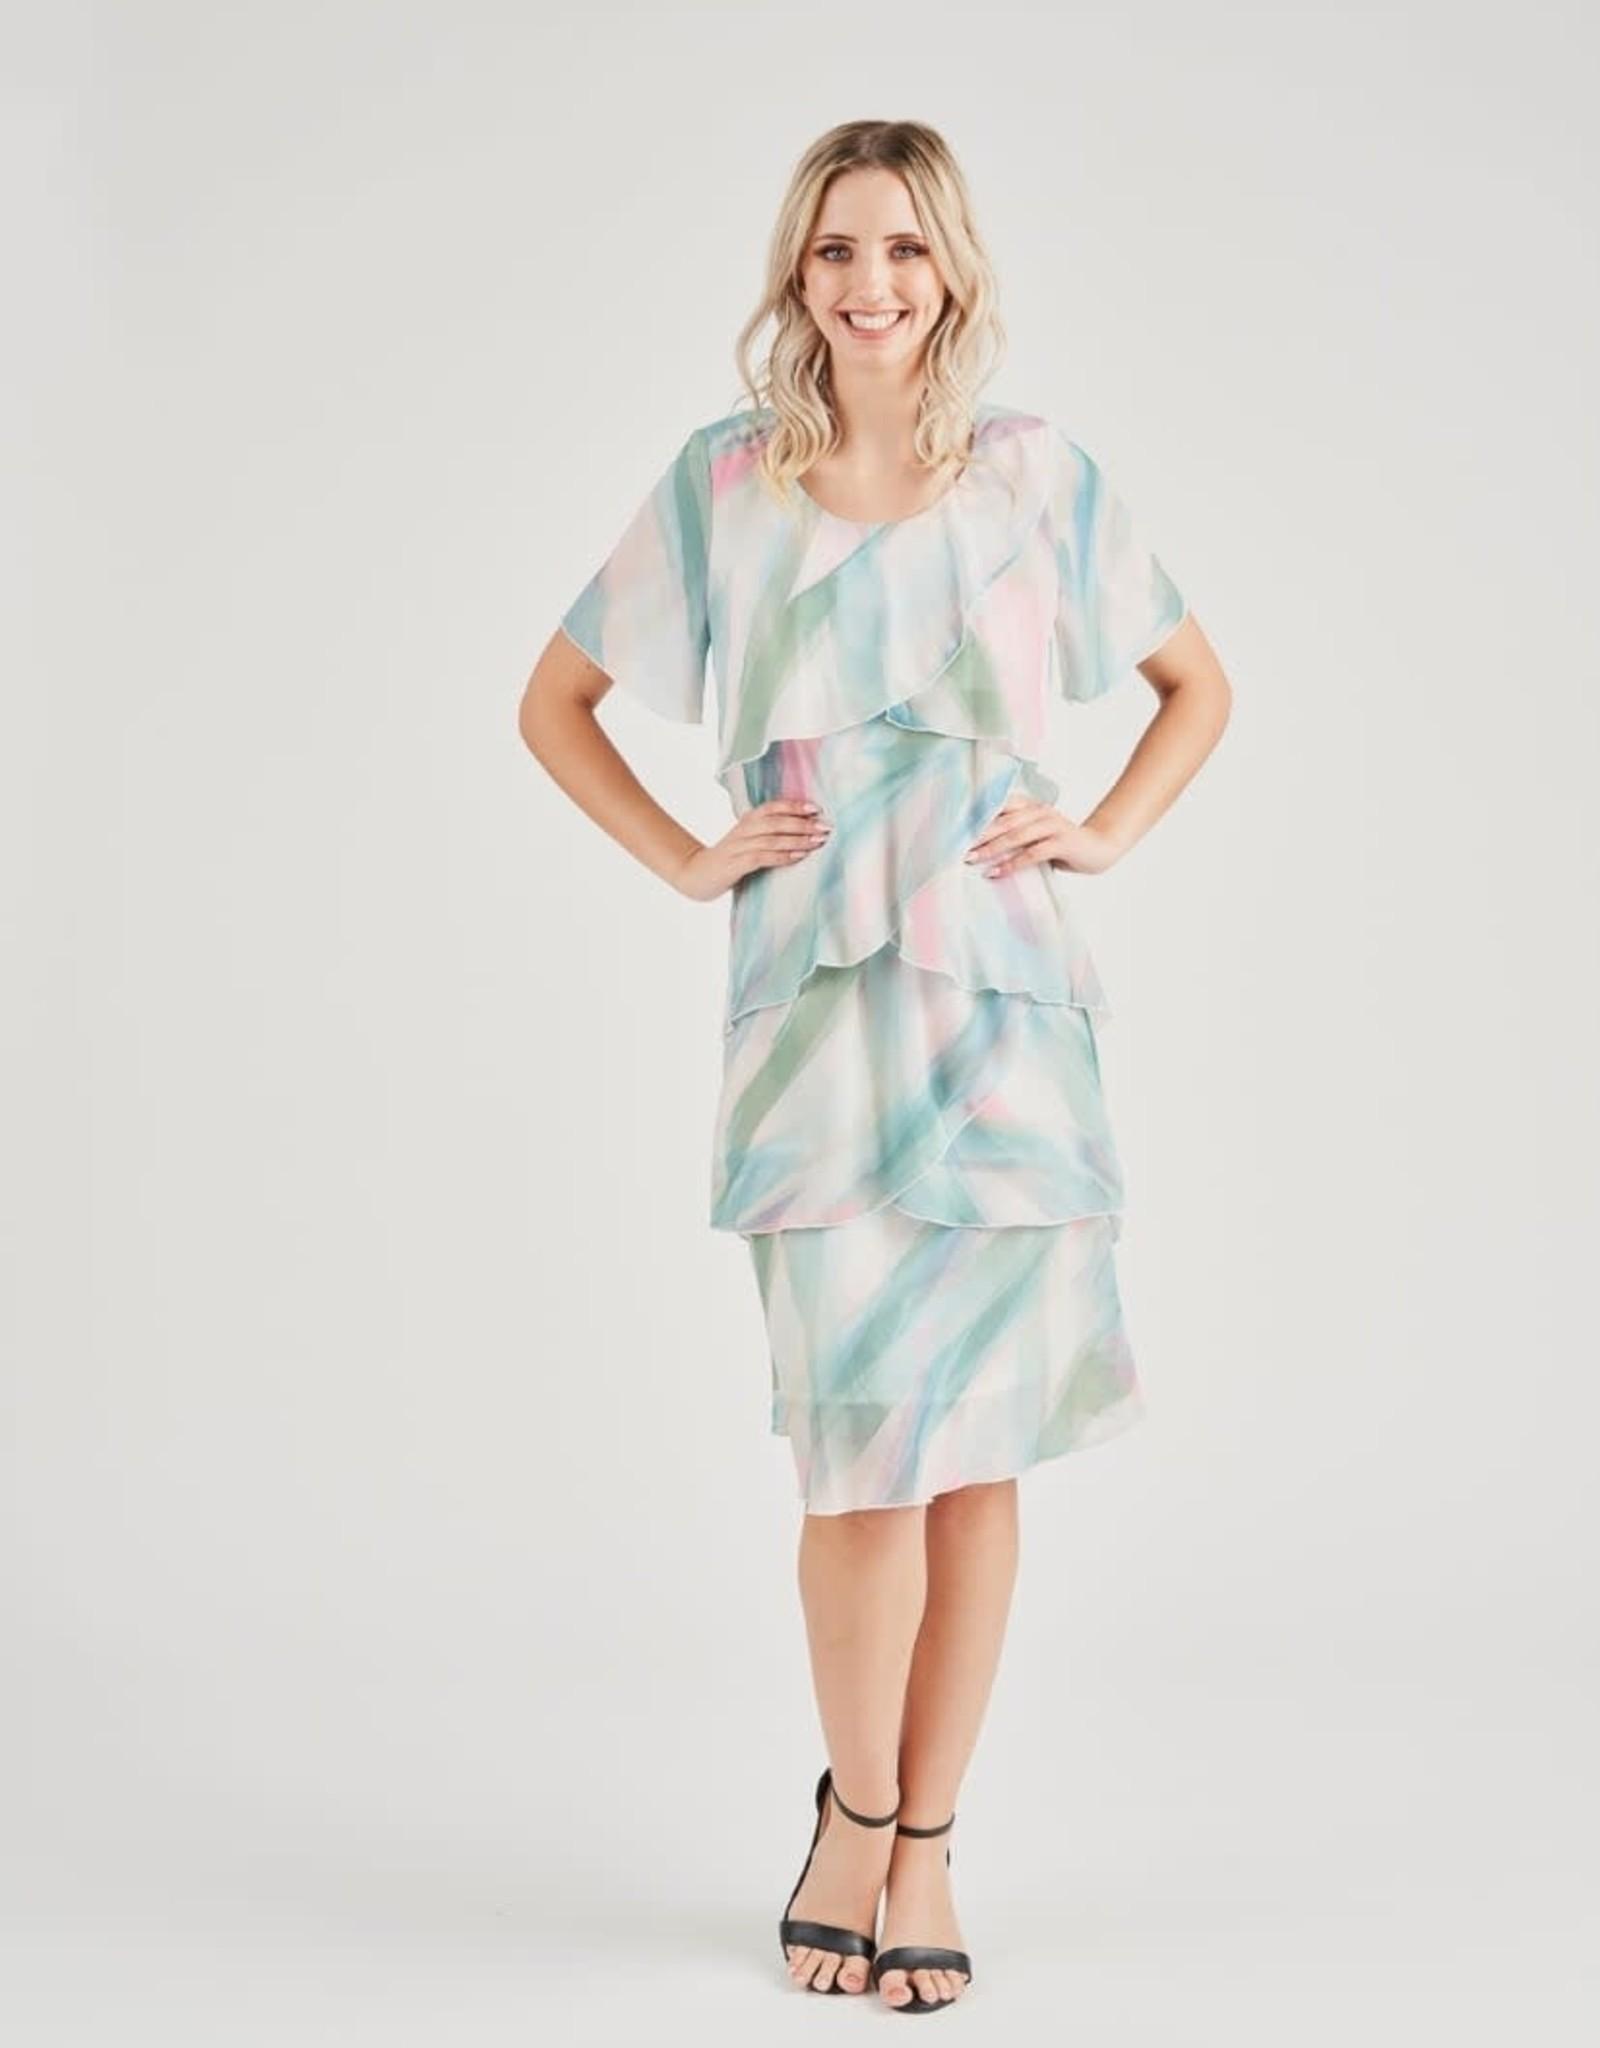 Vivid Chiffon Dress